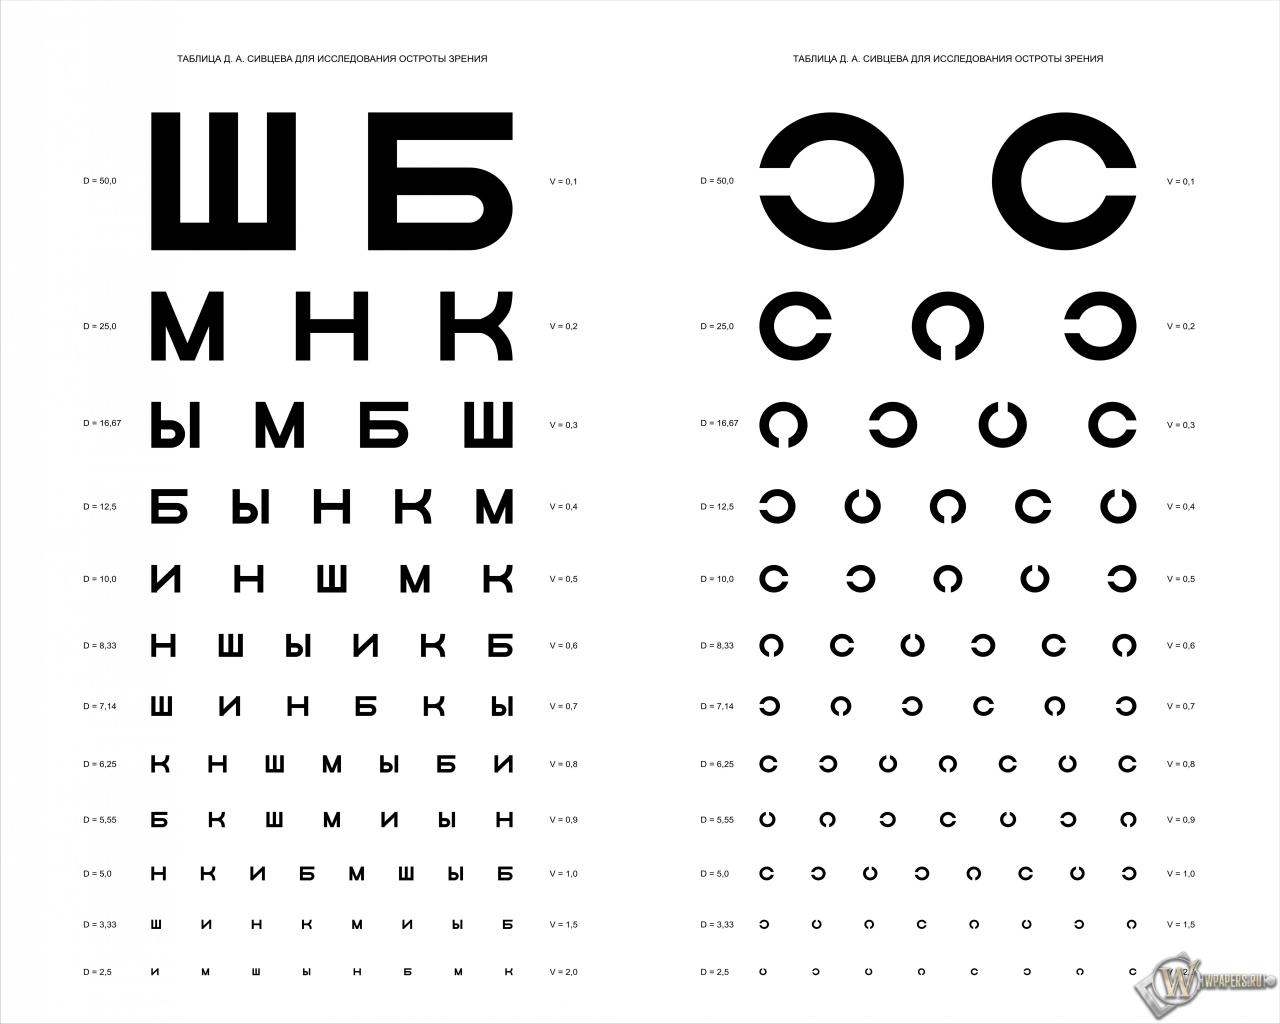 Таблица Д.А. Сивцева для проверки зрения 1280x1024